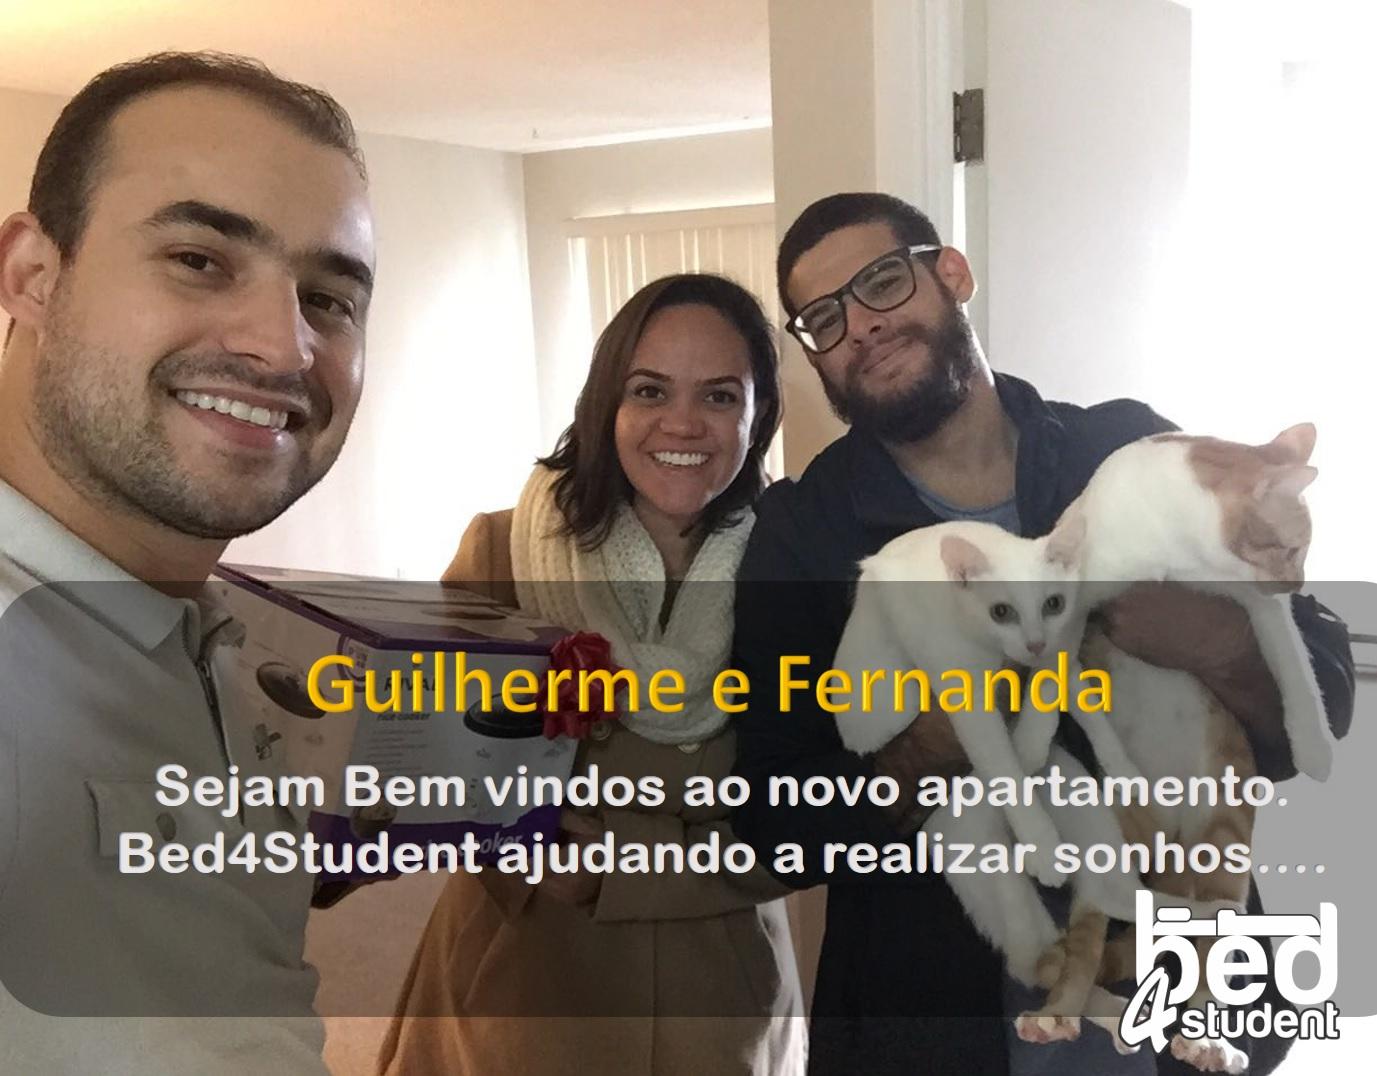 Guilherme e Fernanda